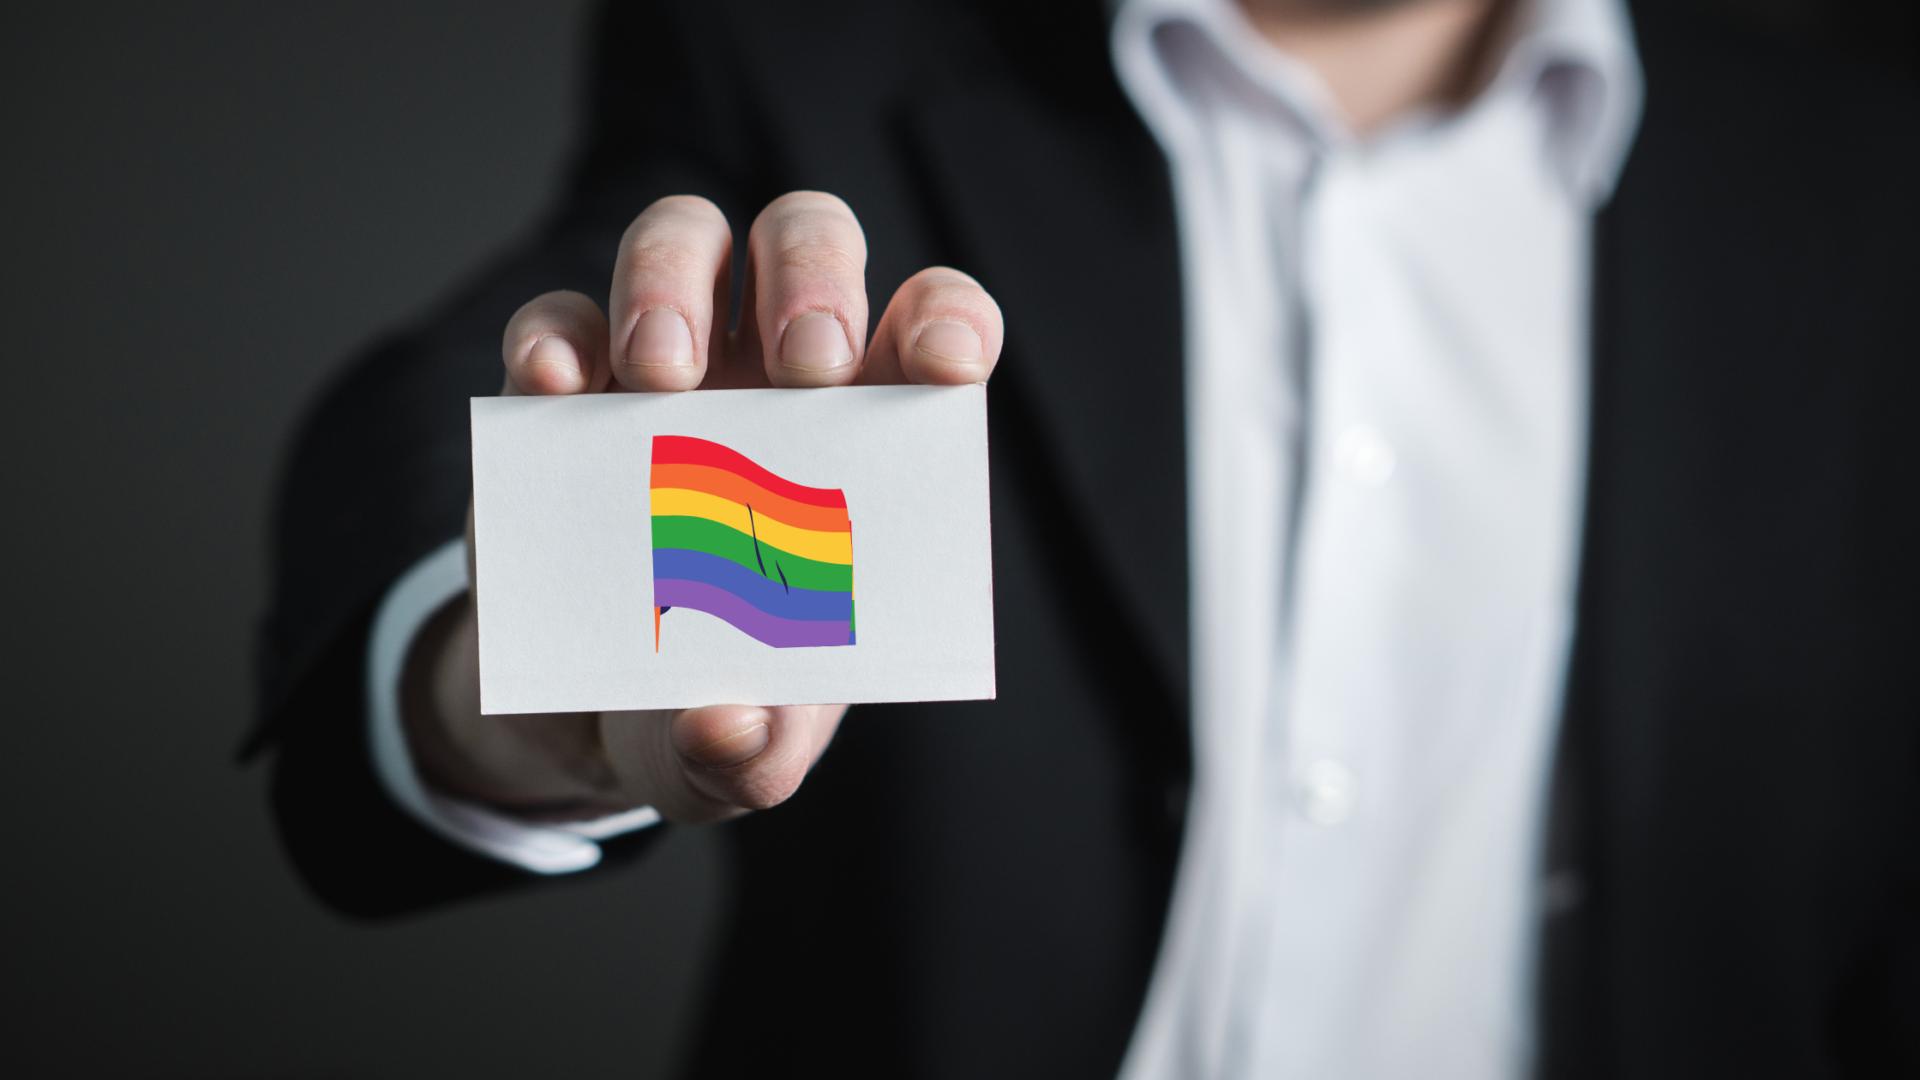 Impactos de la Covid-19 en el empleo de la Comunidad LGBTI